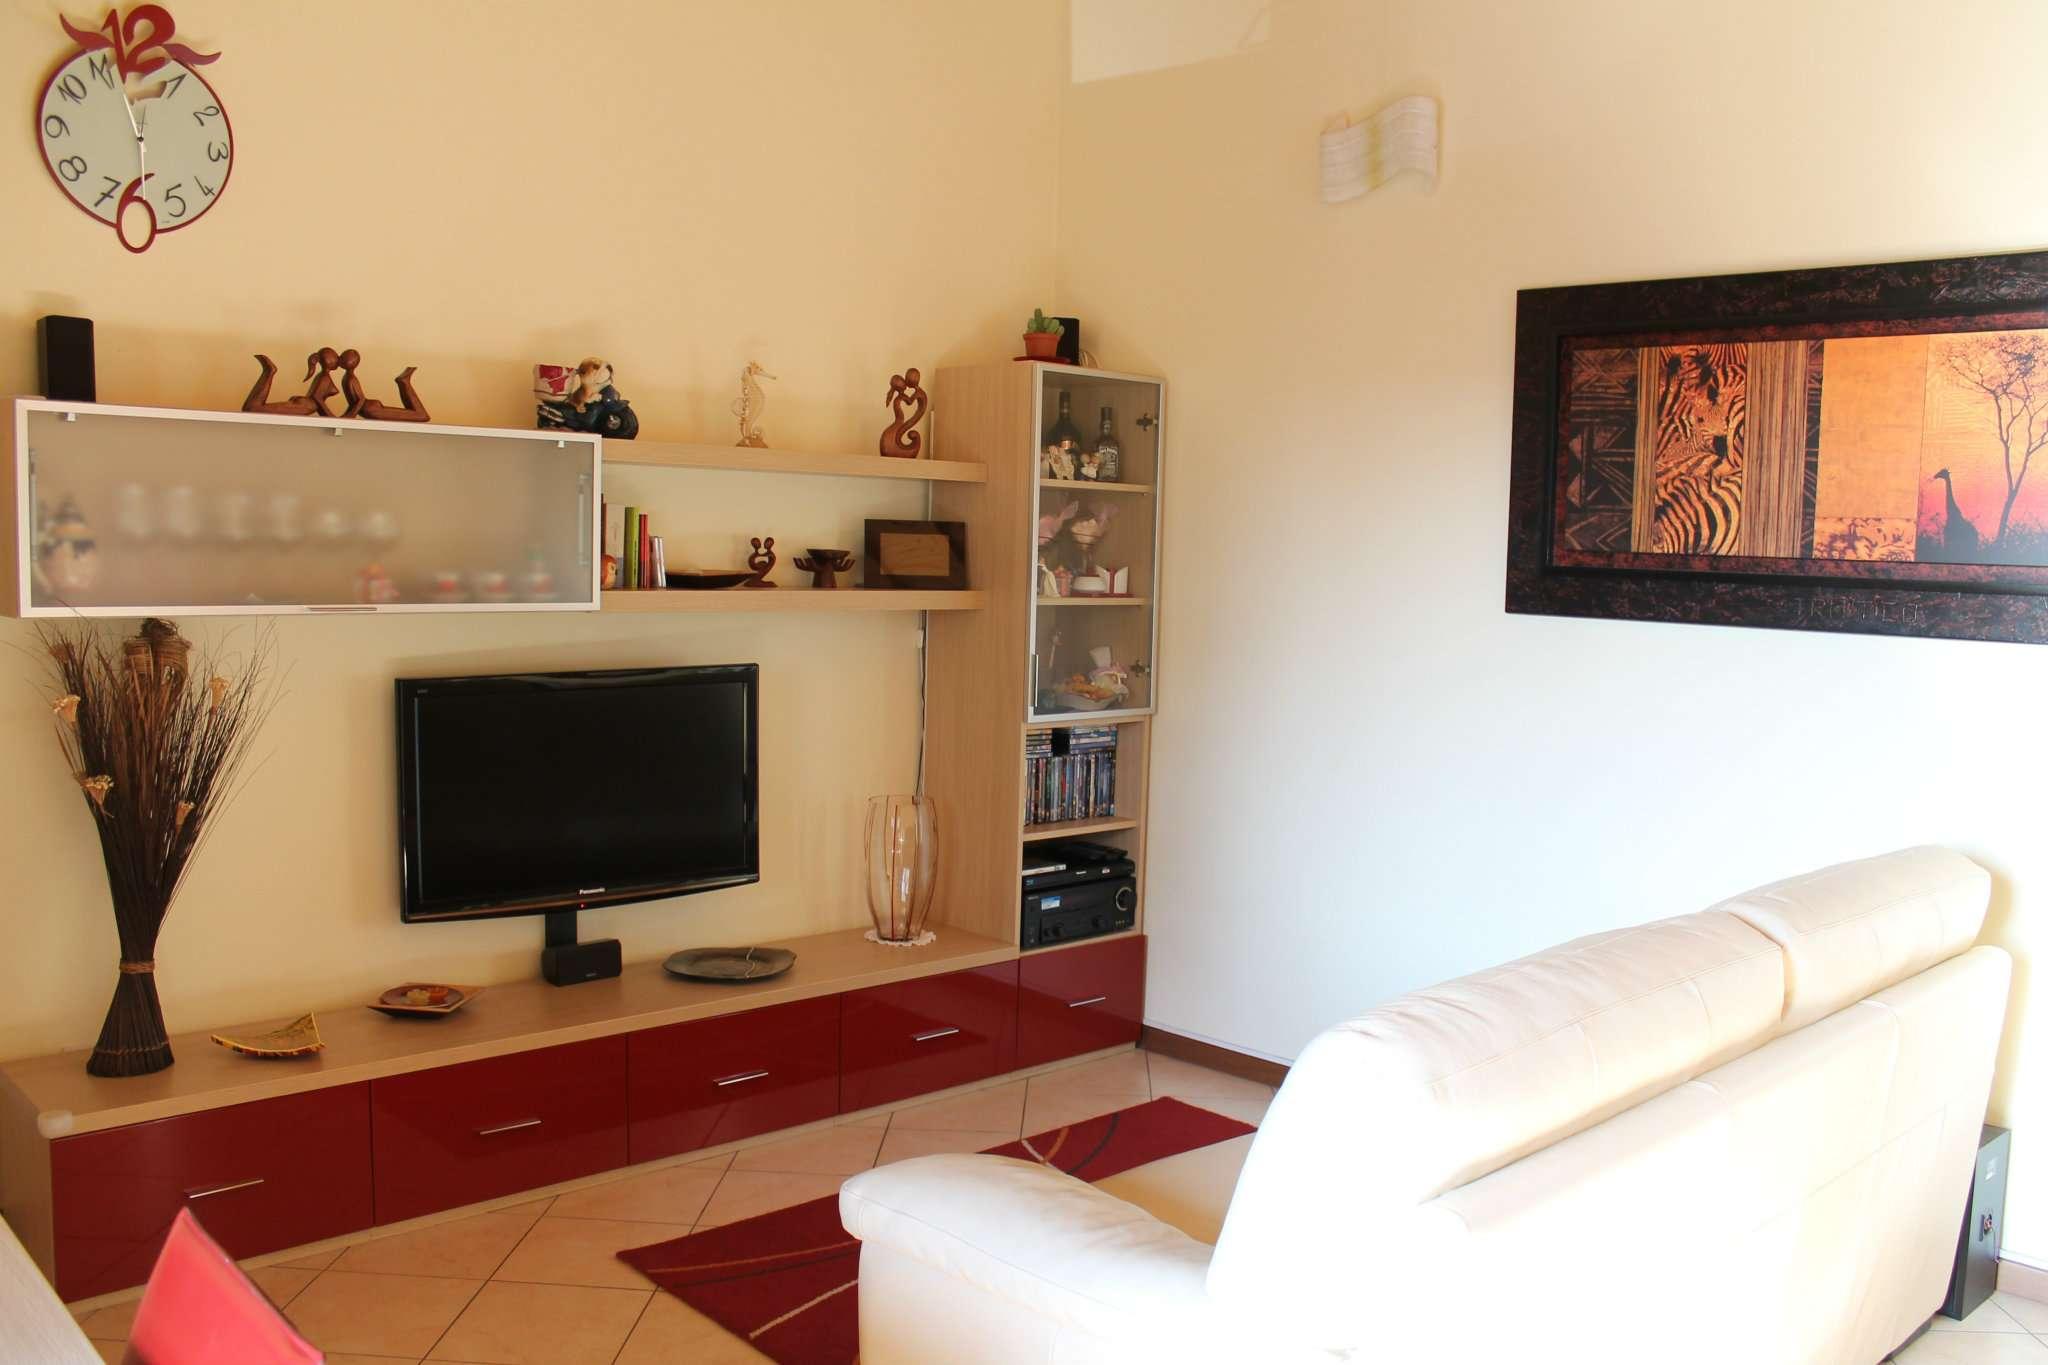 Appartamento in vendita a Casale Cremasco-Vidolasco, 3 locali, prezzo € 120.000 | Cambio Casa.it